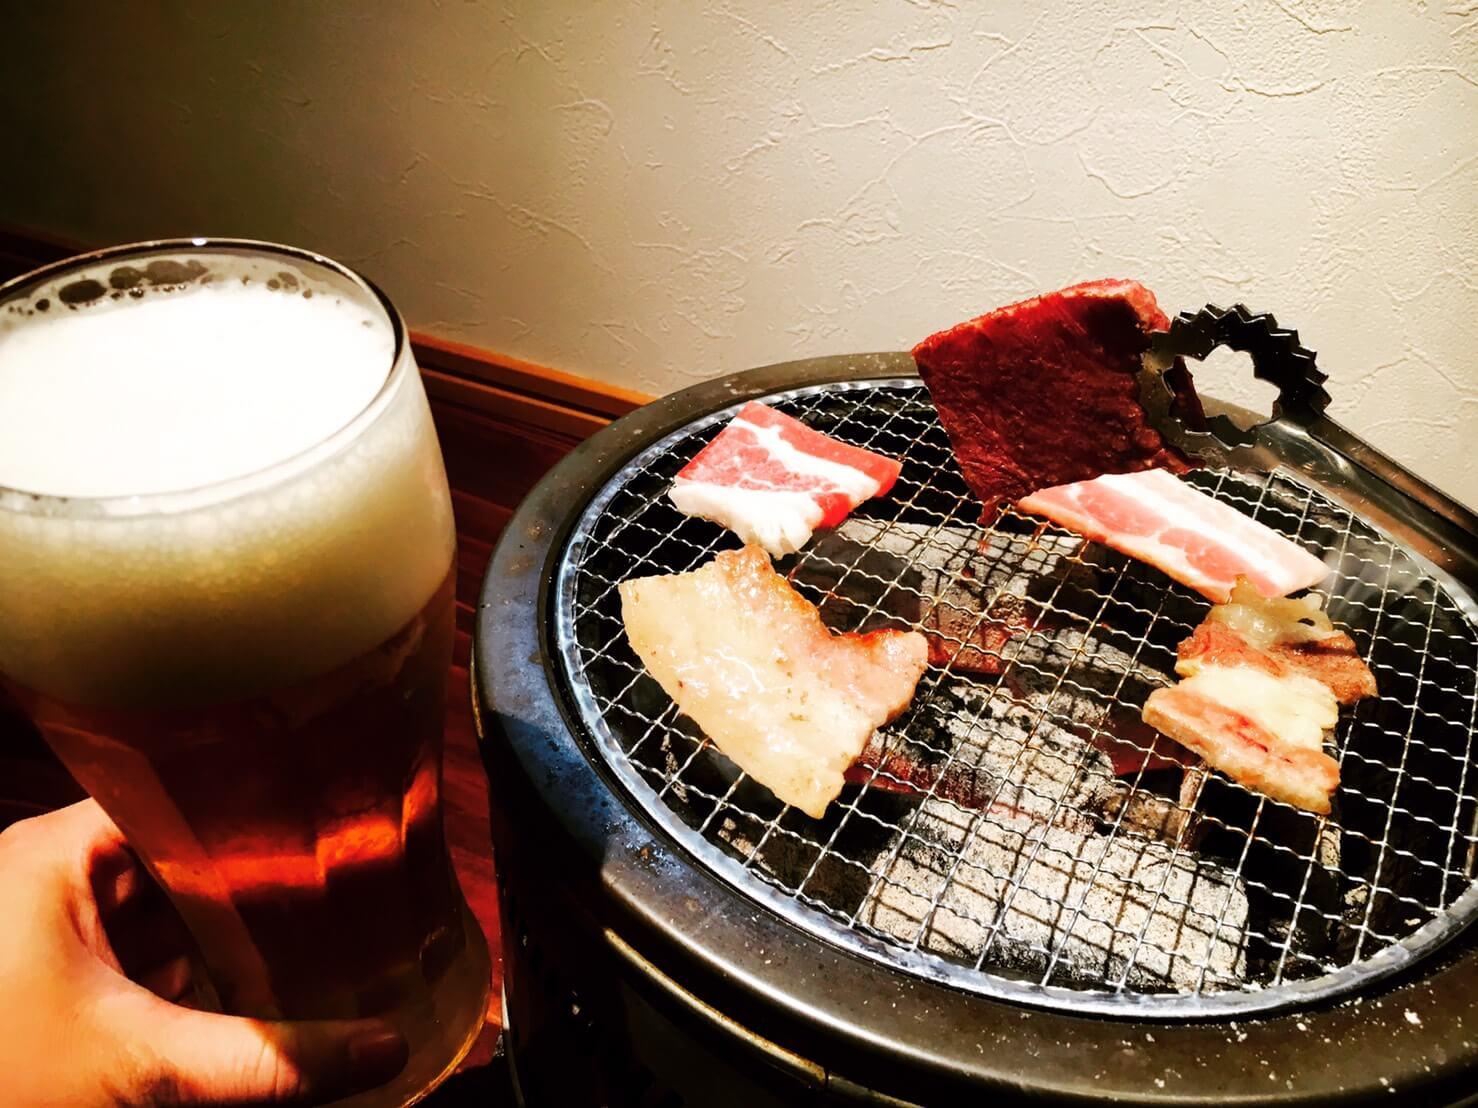 【弐ノ弐 清水工場直売場(にのに)】激ウマ餃子の直売所が移転。ビールが旨い焼餃子にエスニック弁当も販売!